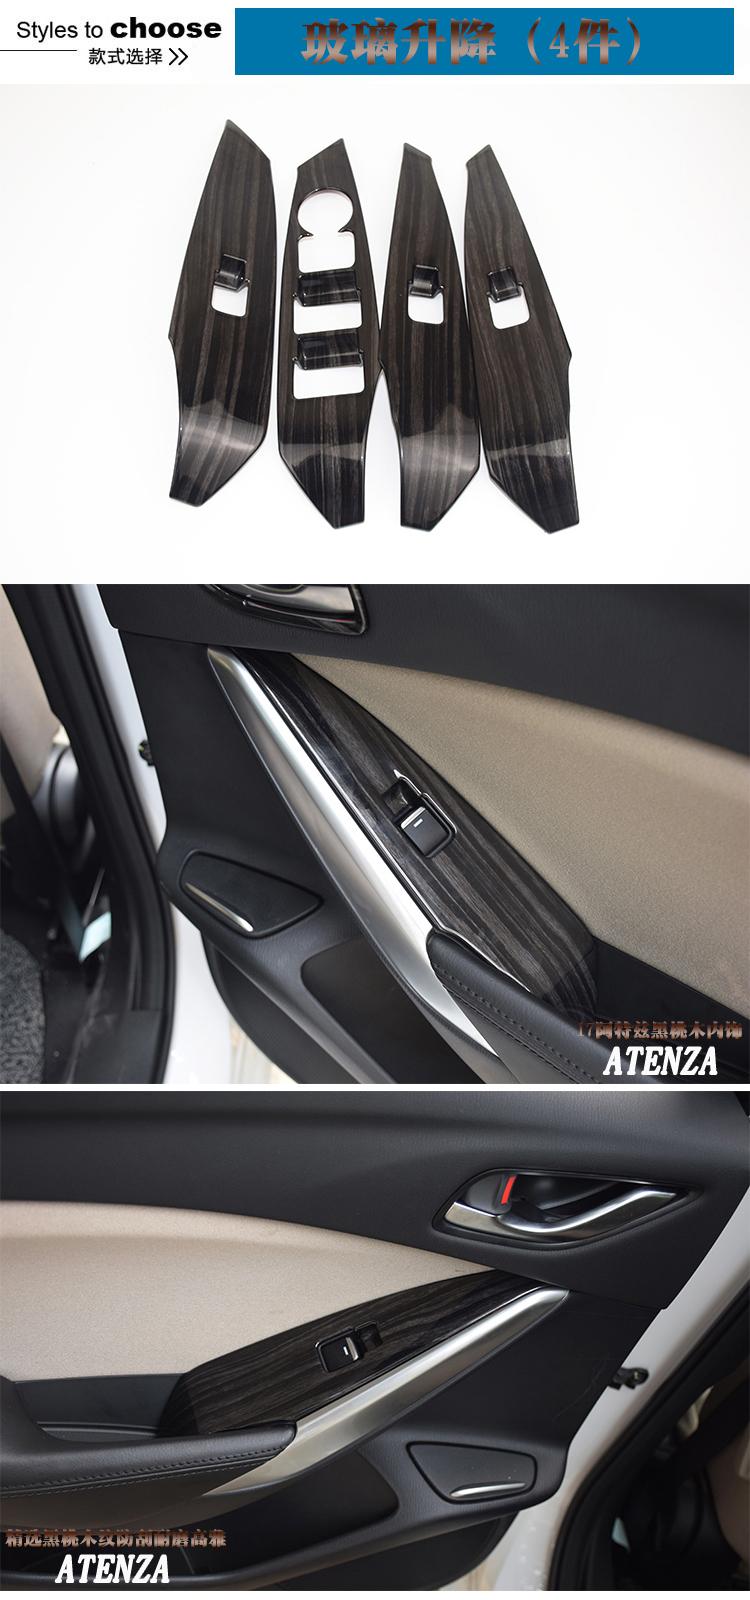 Bộ trang trí nội thất Mazda 6 2017-2019 - ảnh 4